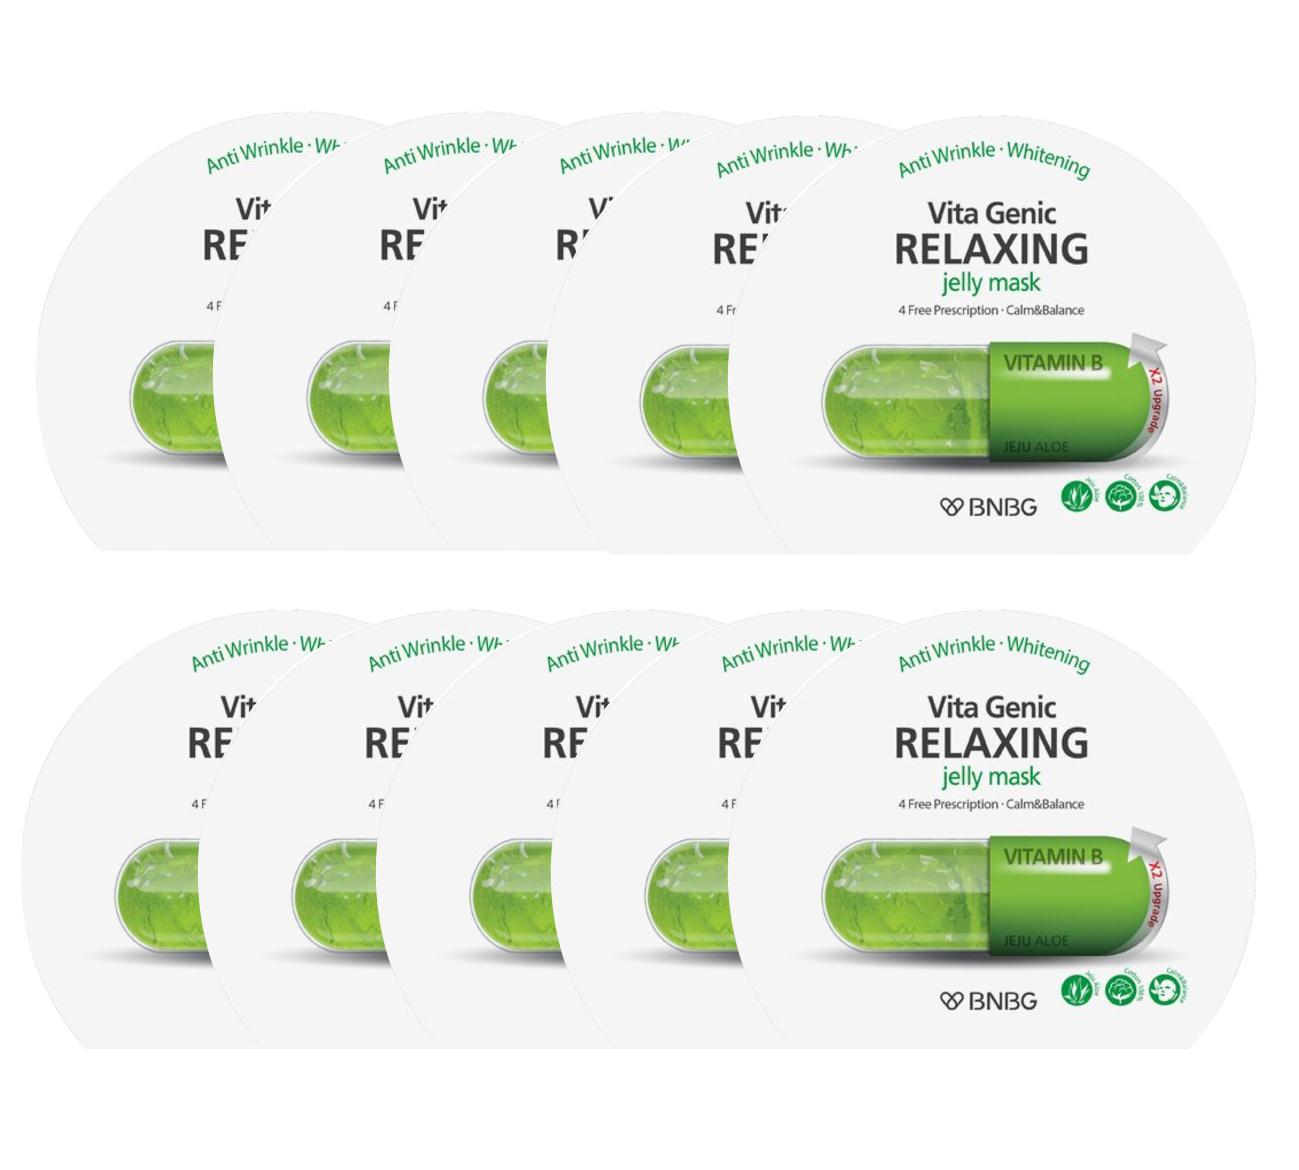 Giá Bán Hộp 10 Goi Mặt Nạ Dưỡng Da Giup Thư Gian Va Phục Hồi Lan Da Mệt Mỏi Banobagi Vita Genic Relaxing Jelly Mask Vitamin B 30Ml X10 Rẻ